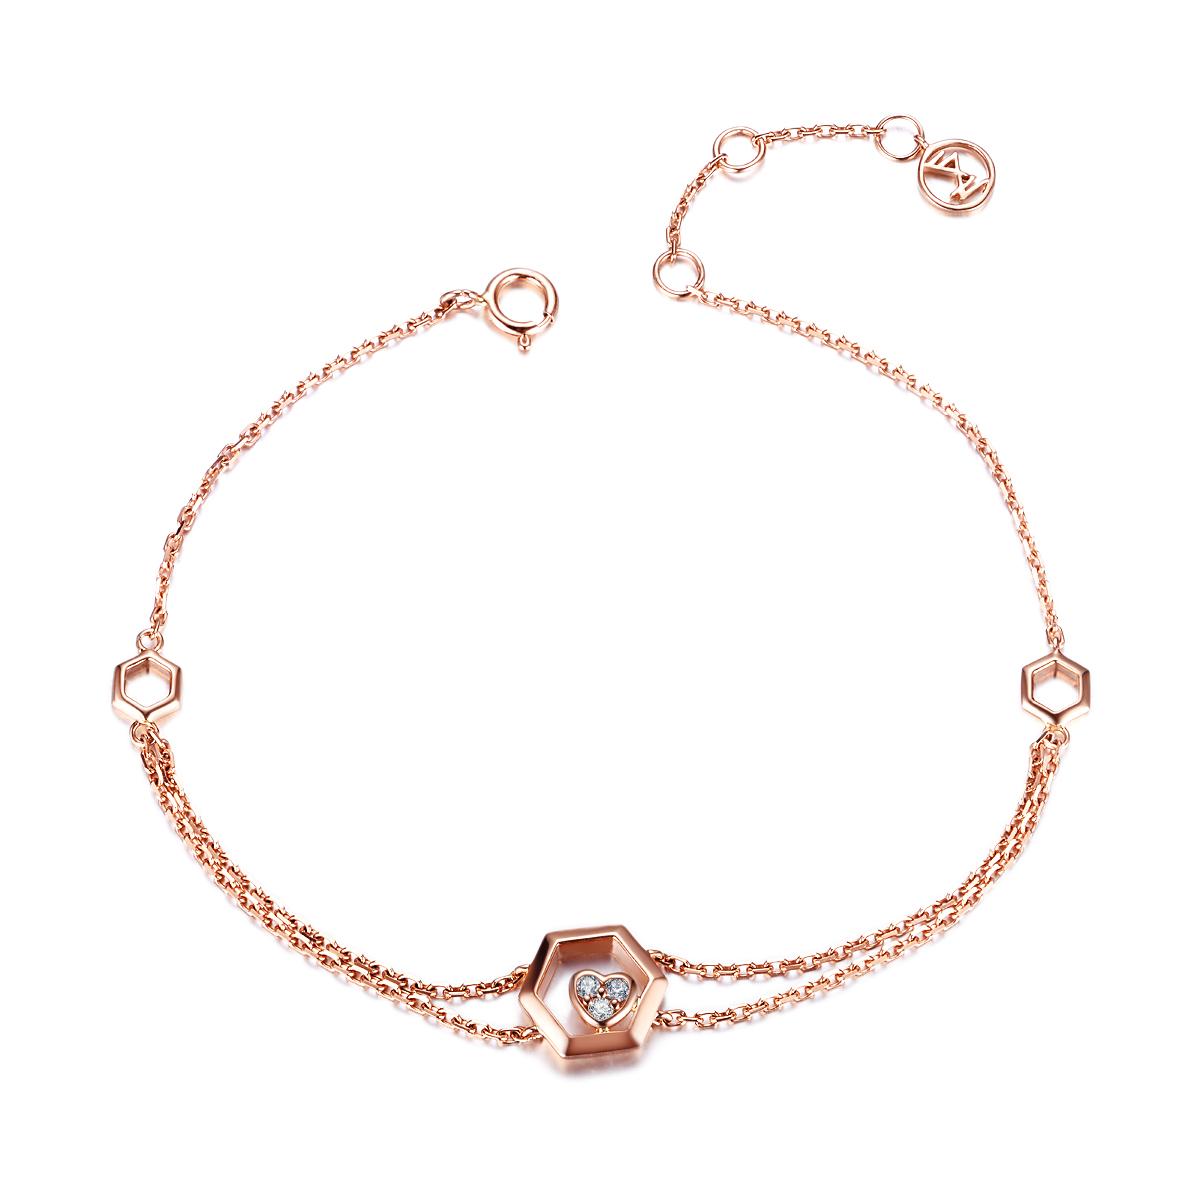 钻石手链定制的方法及流程